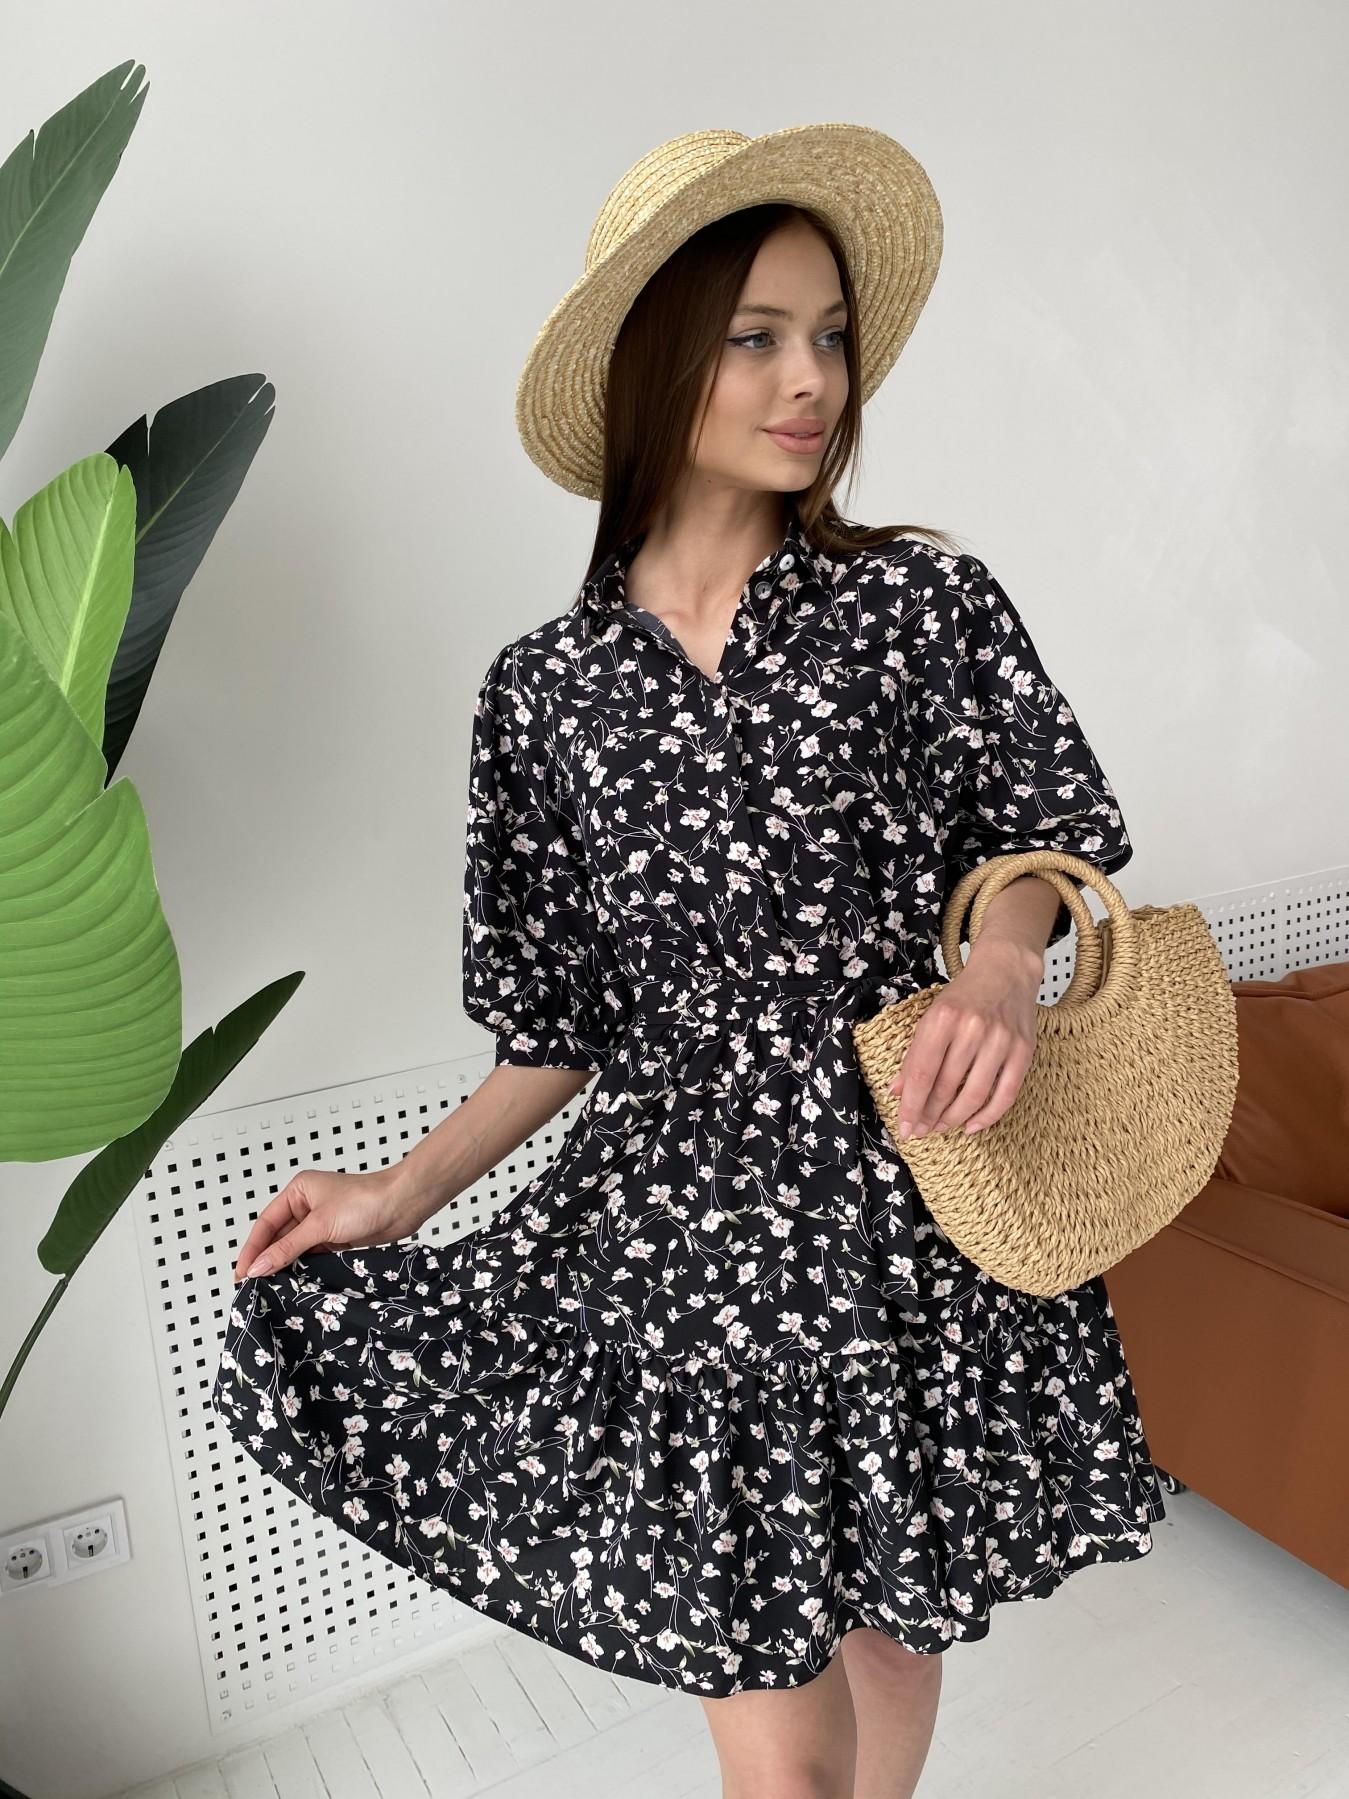 Молизе платье с коротким рукавом из софт ткани в принт 11315 АРТ. 47852 Цвет: Черный/молоко, Цветы - фото 10, интернет магазин tm-modus.ru